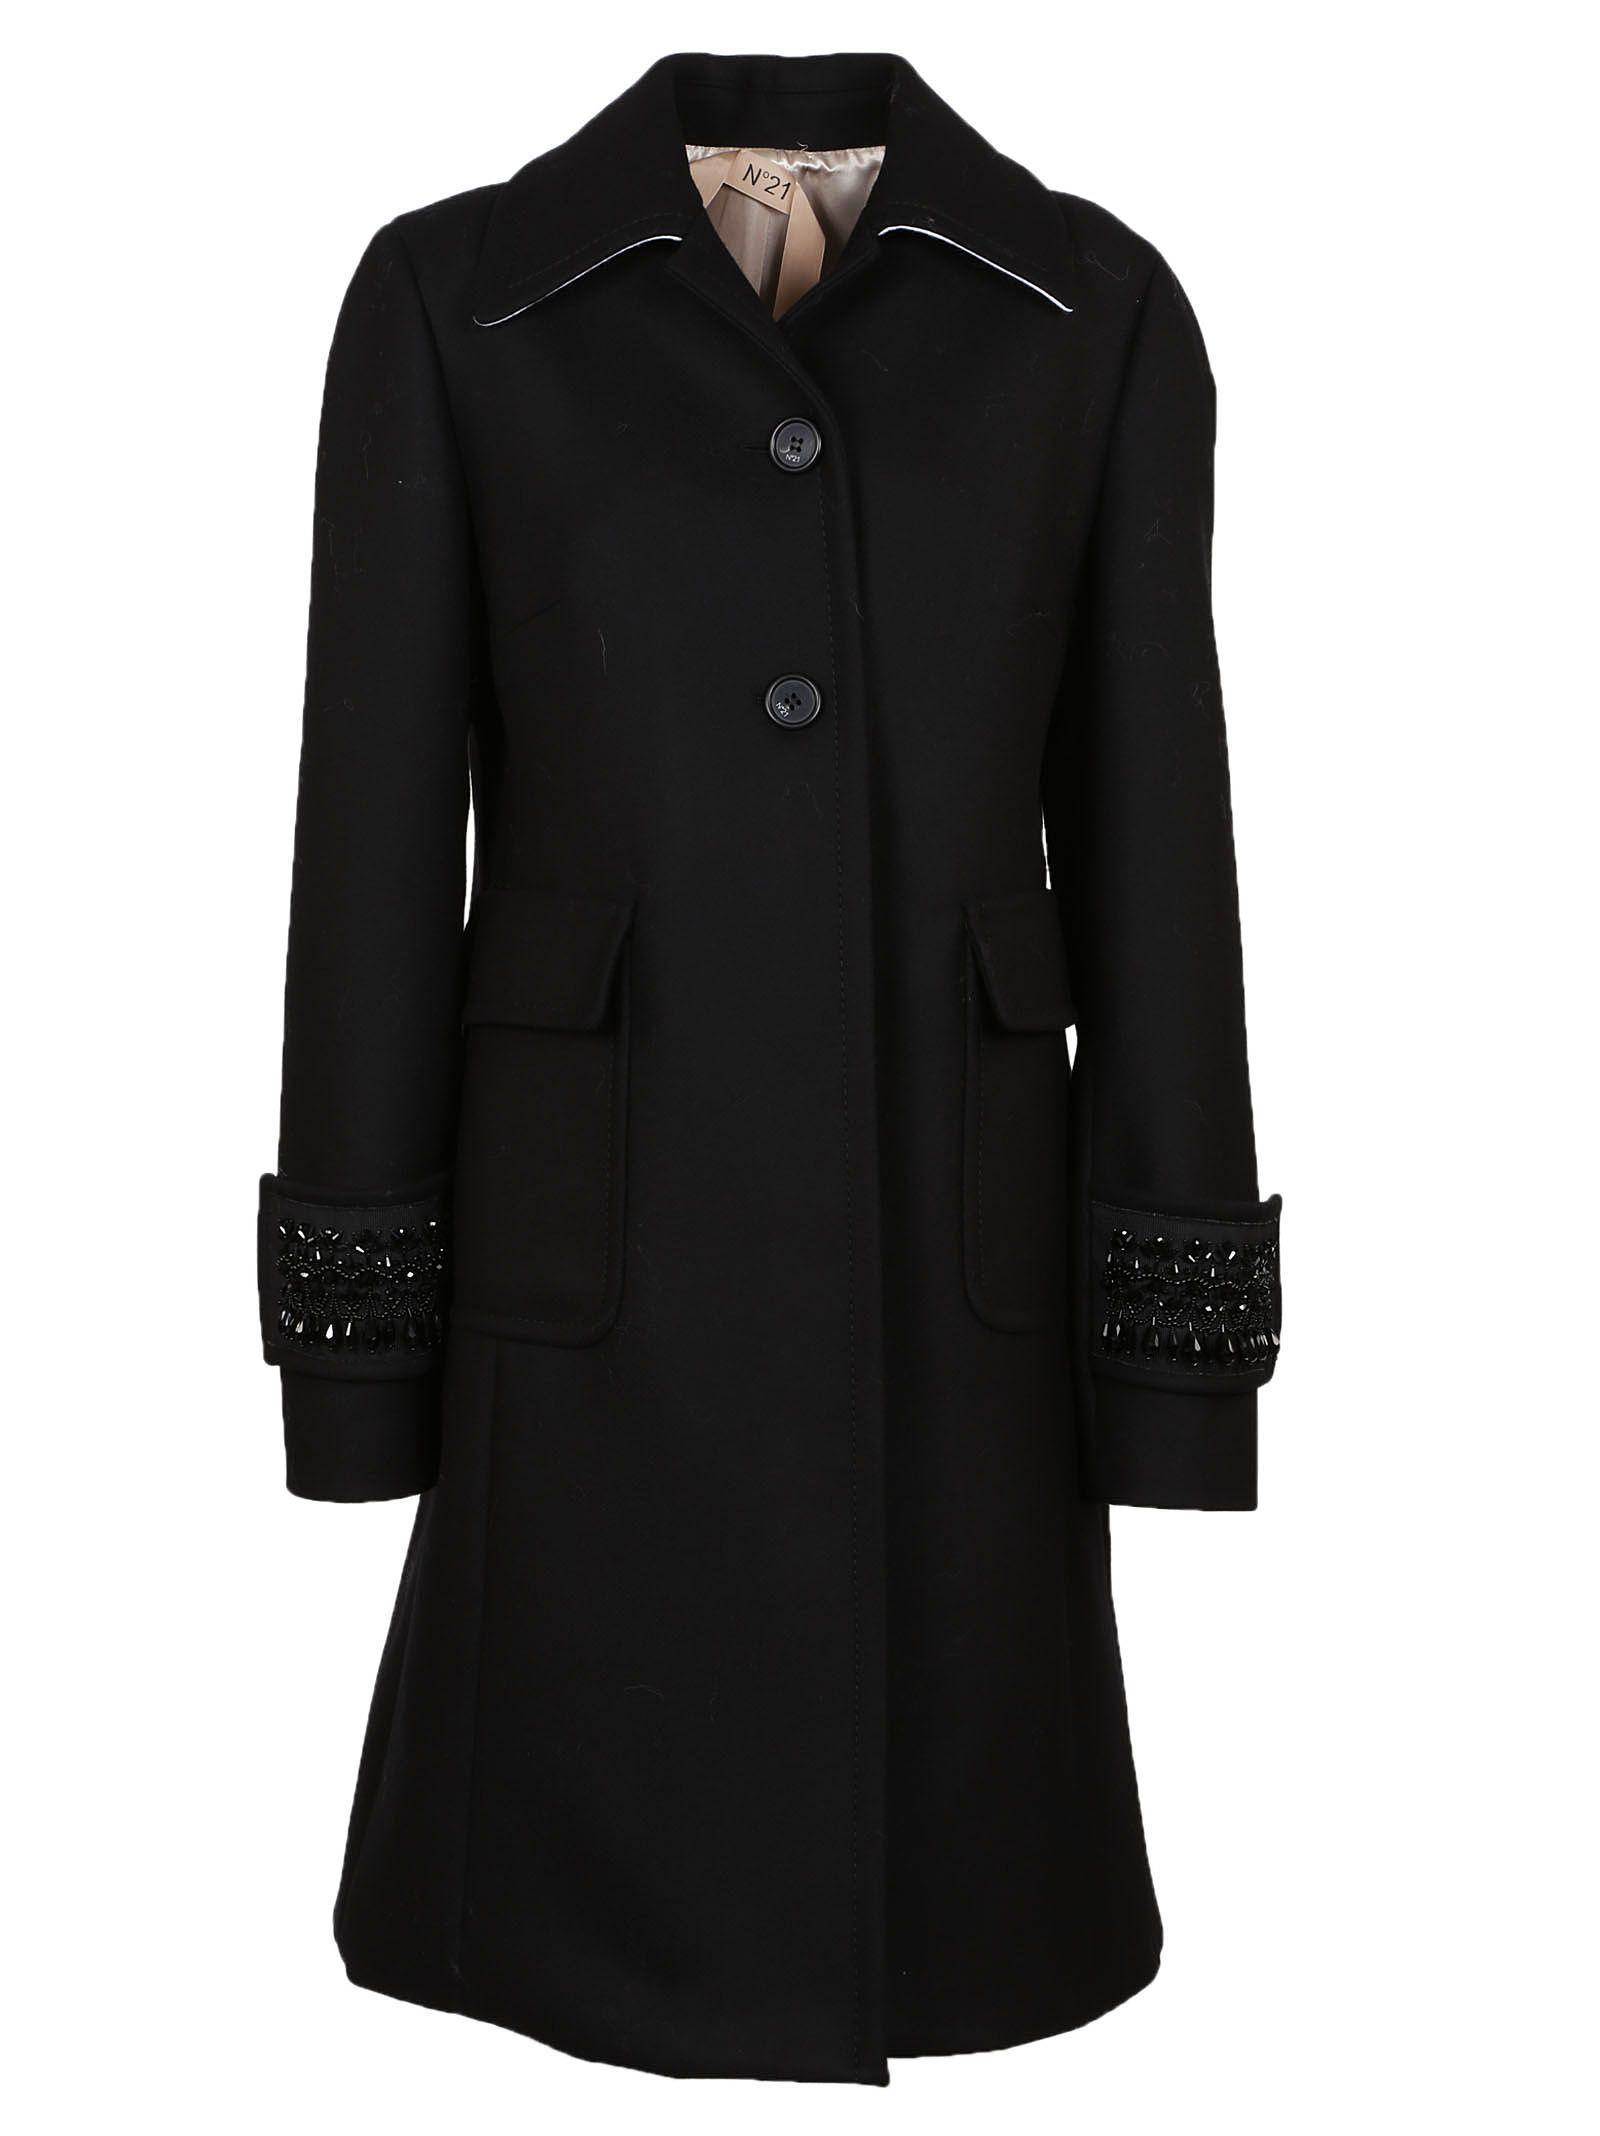 N°21 Embellished Cuff Coat